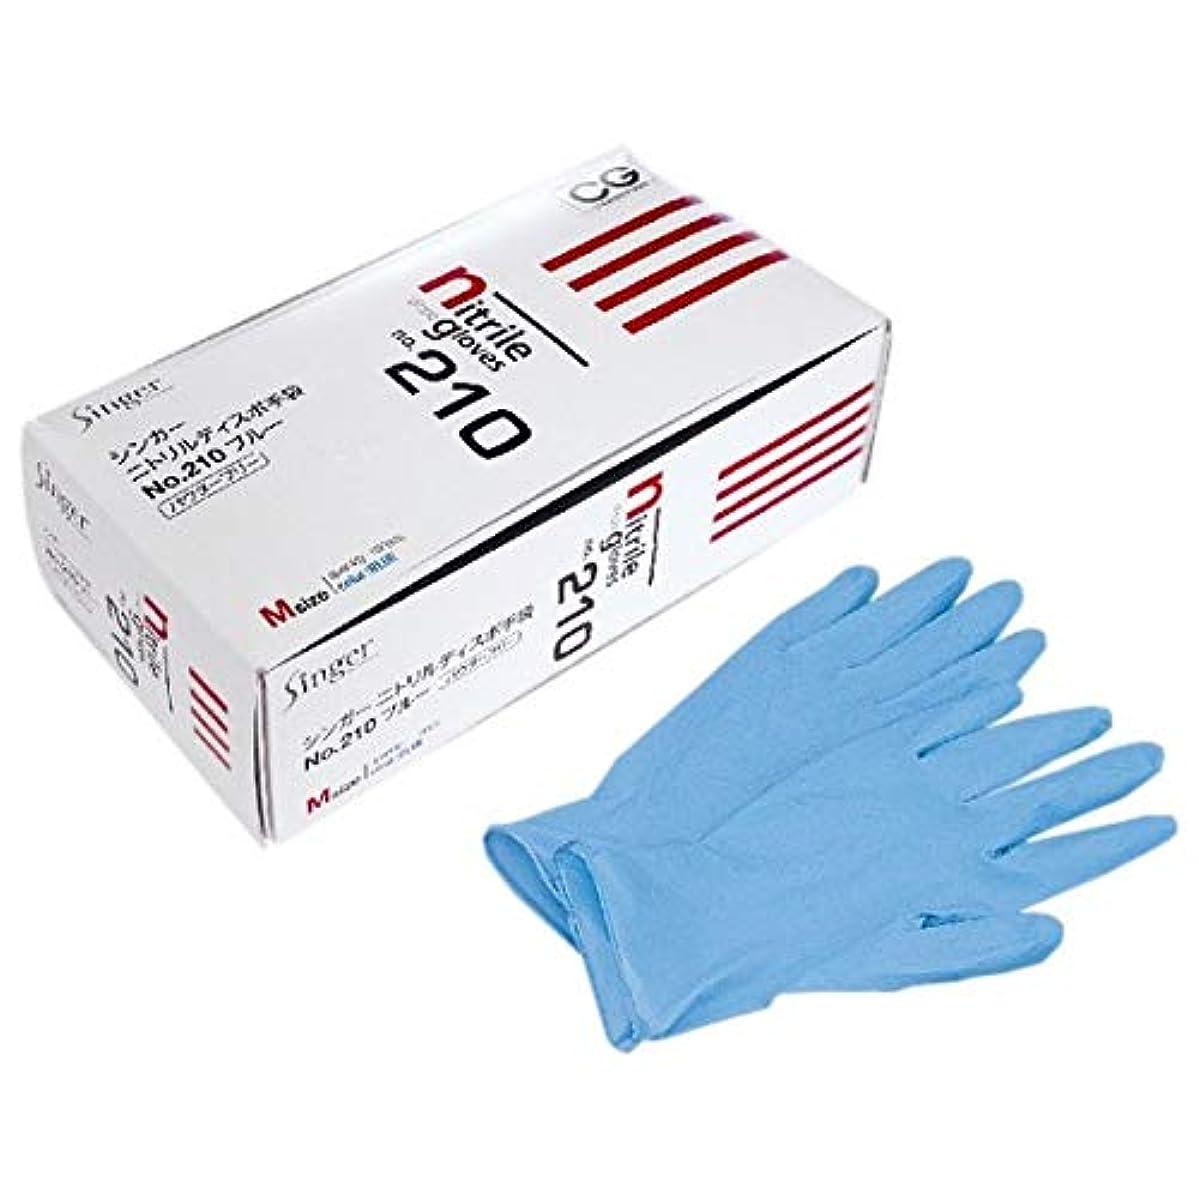 シンガーニトリルディスポ手袋 No.210 青 パウダーフリー LLサイズ 100枚×20箱入